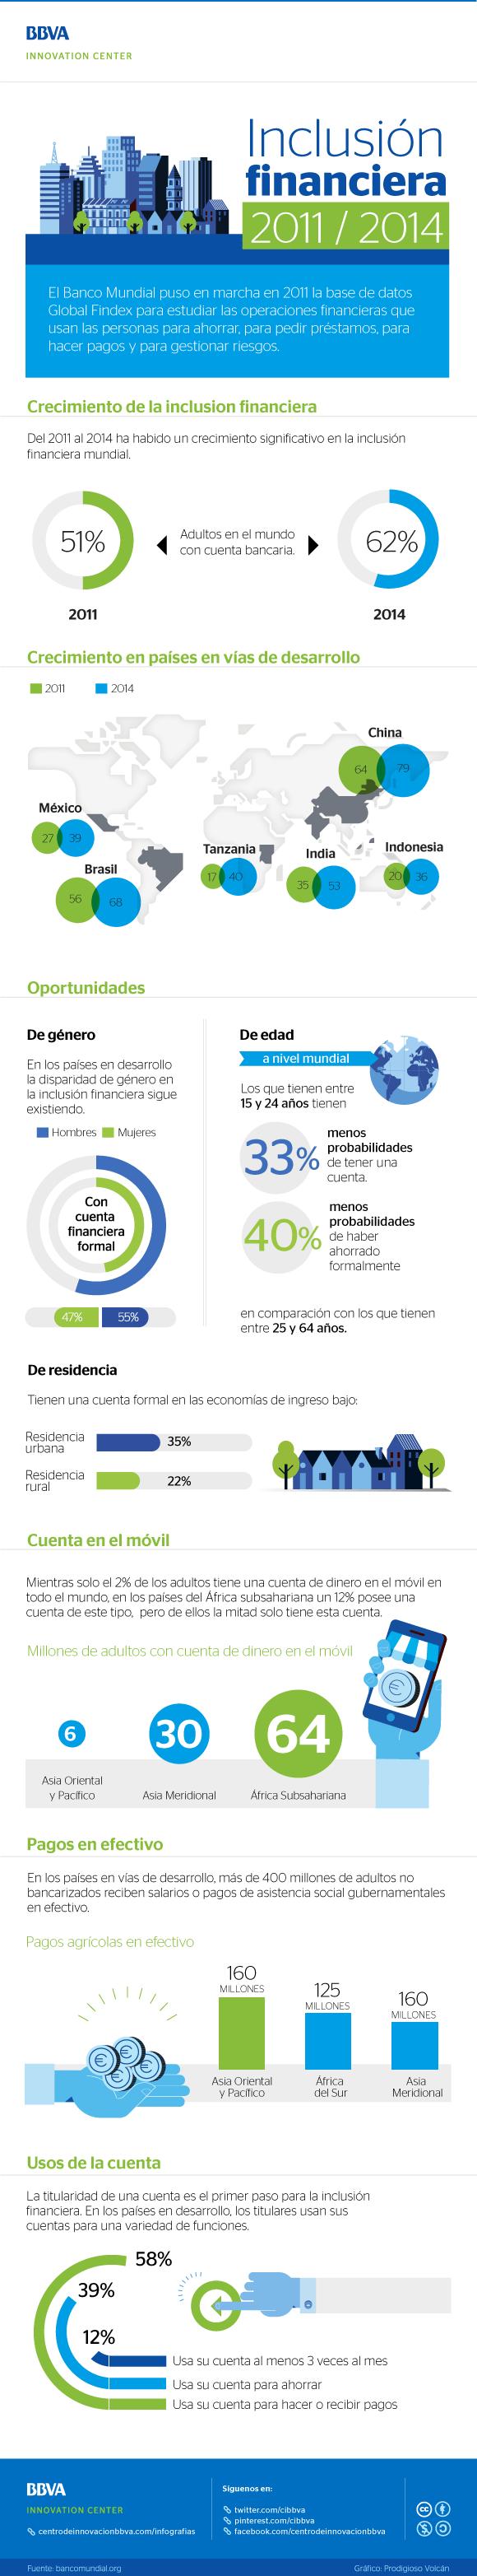 Inclusión financiera 2011/2014